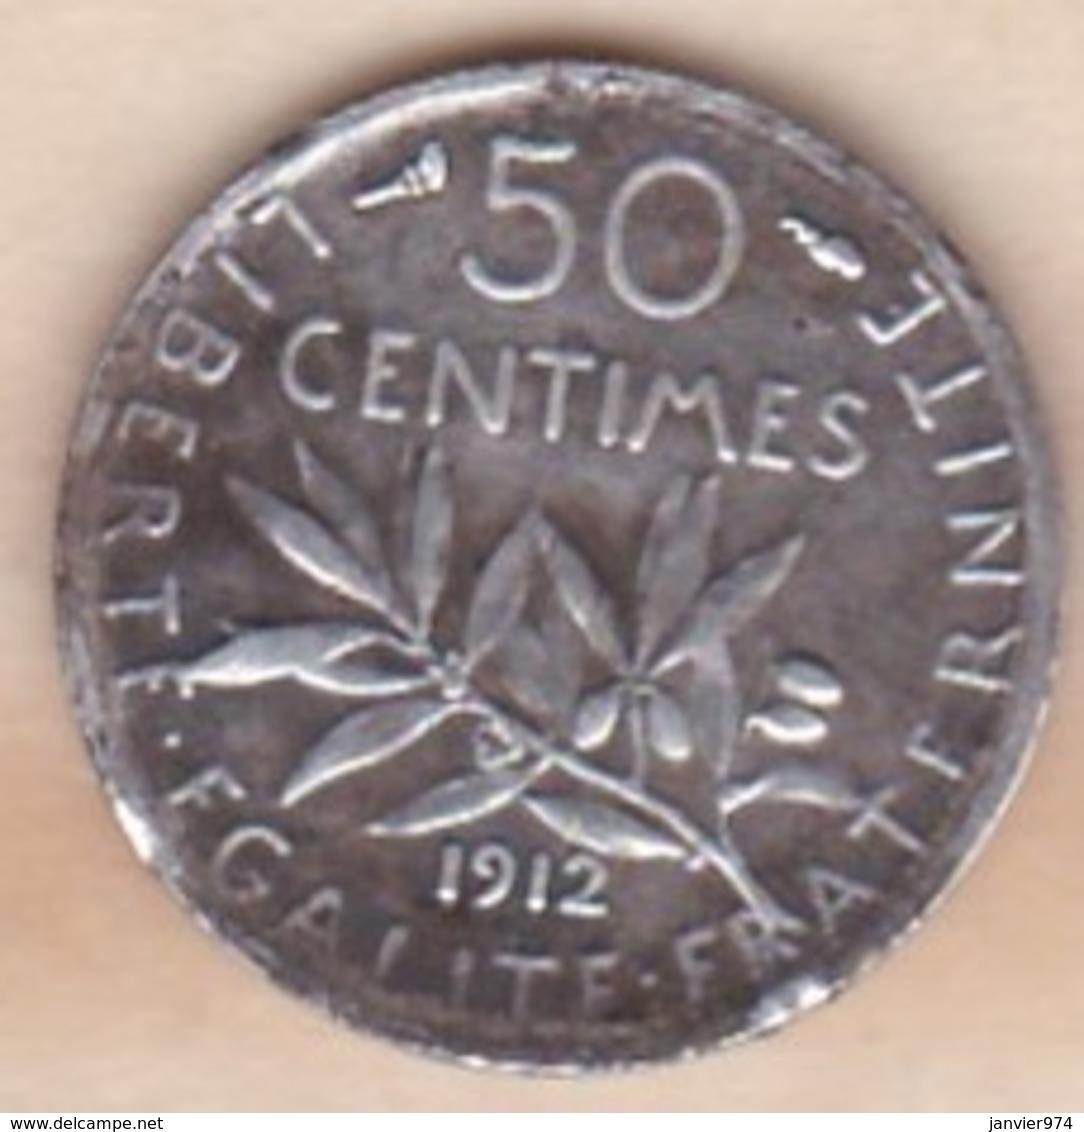 50 Centimes Semeuse 1912, En Argent - France